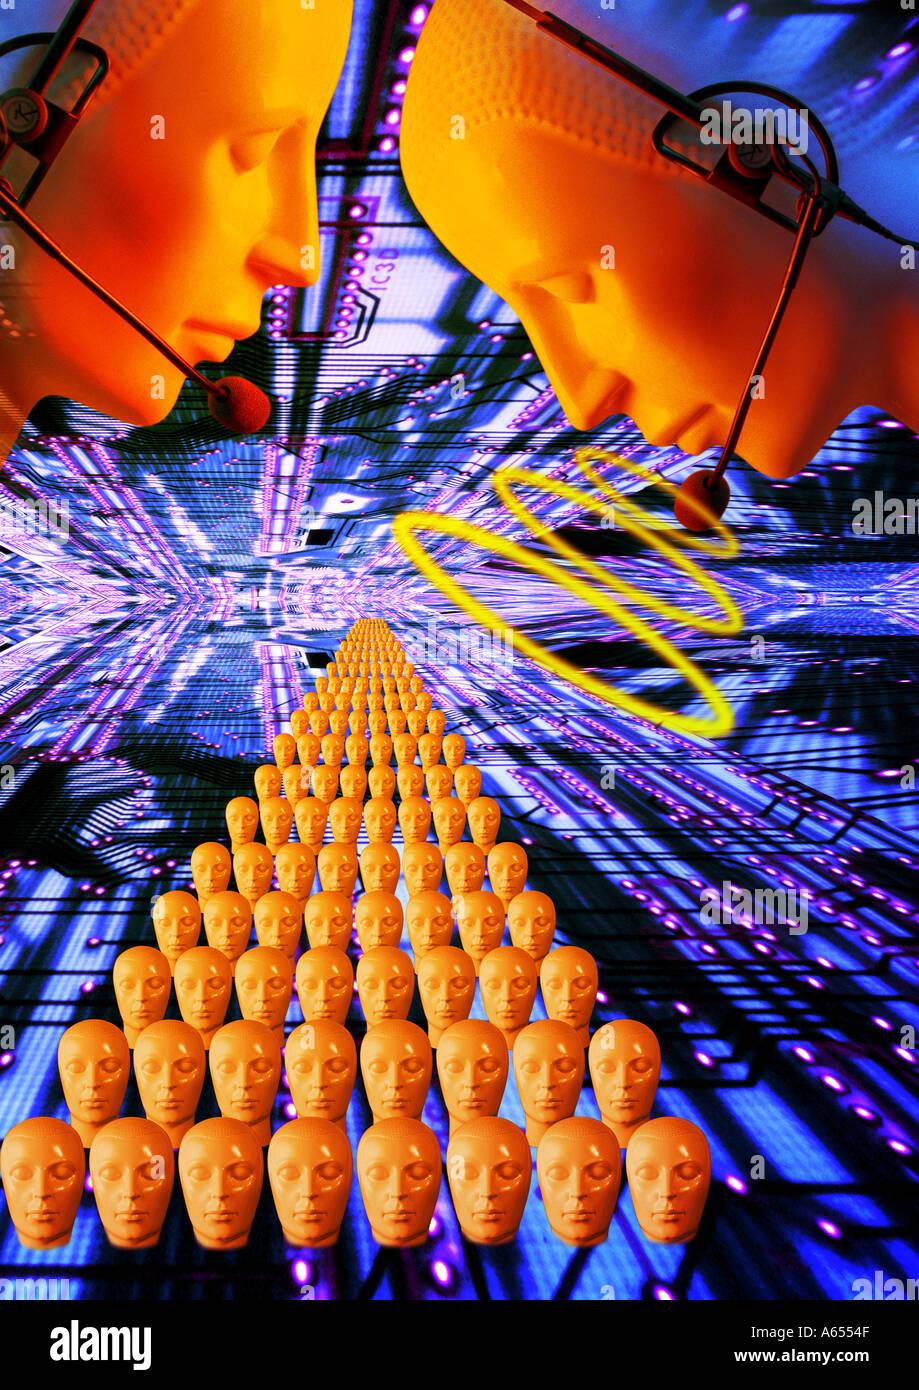 Comunicación concepto abstracto efectos especiales Imagen De Stock